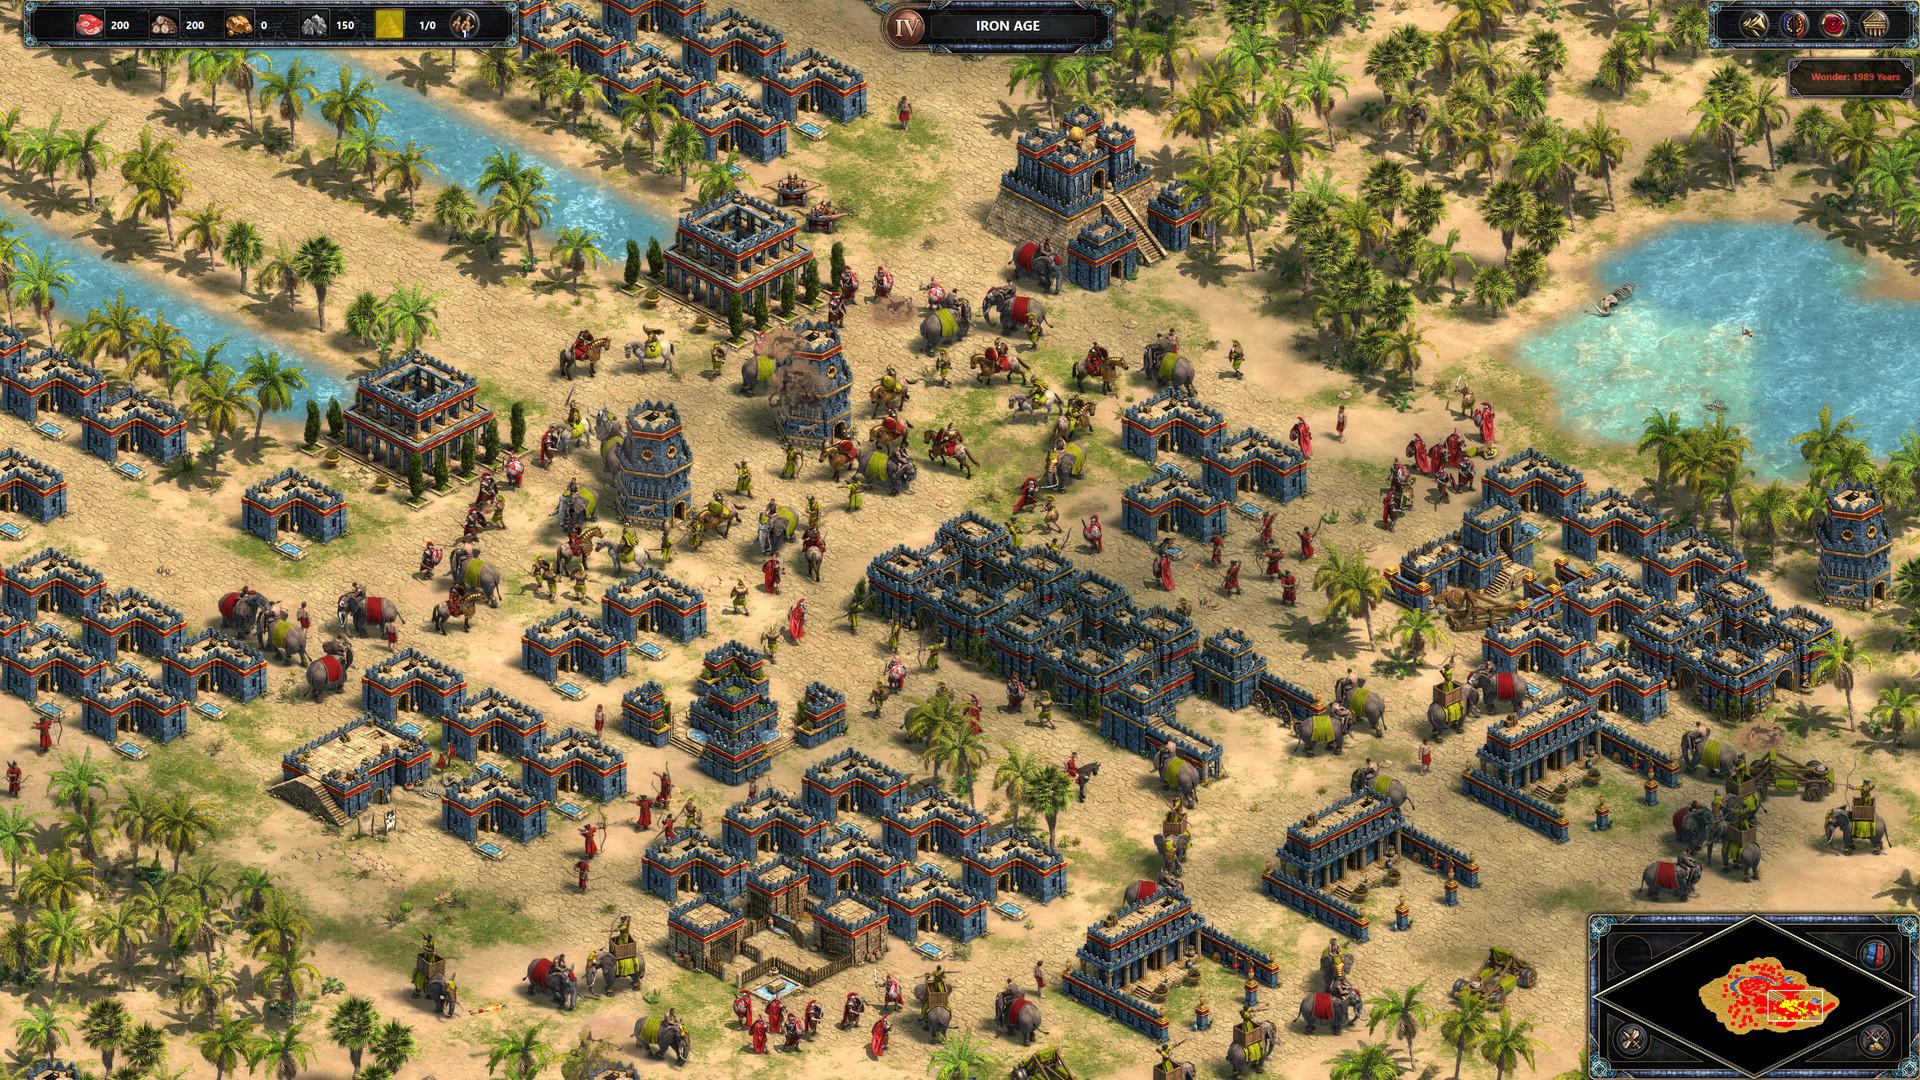 E3 帝国时代 帝国时代2 终极版上架Steam